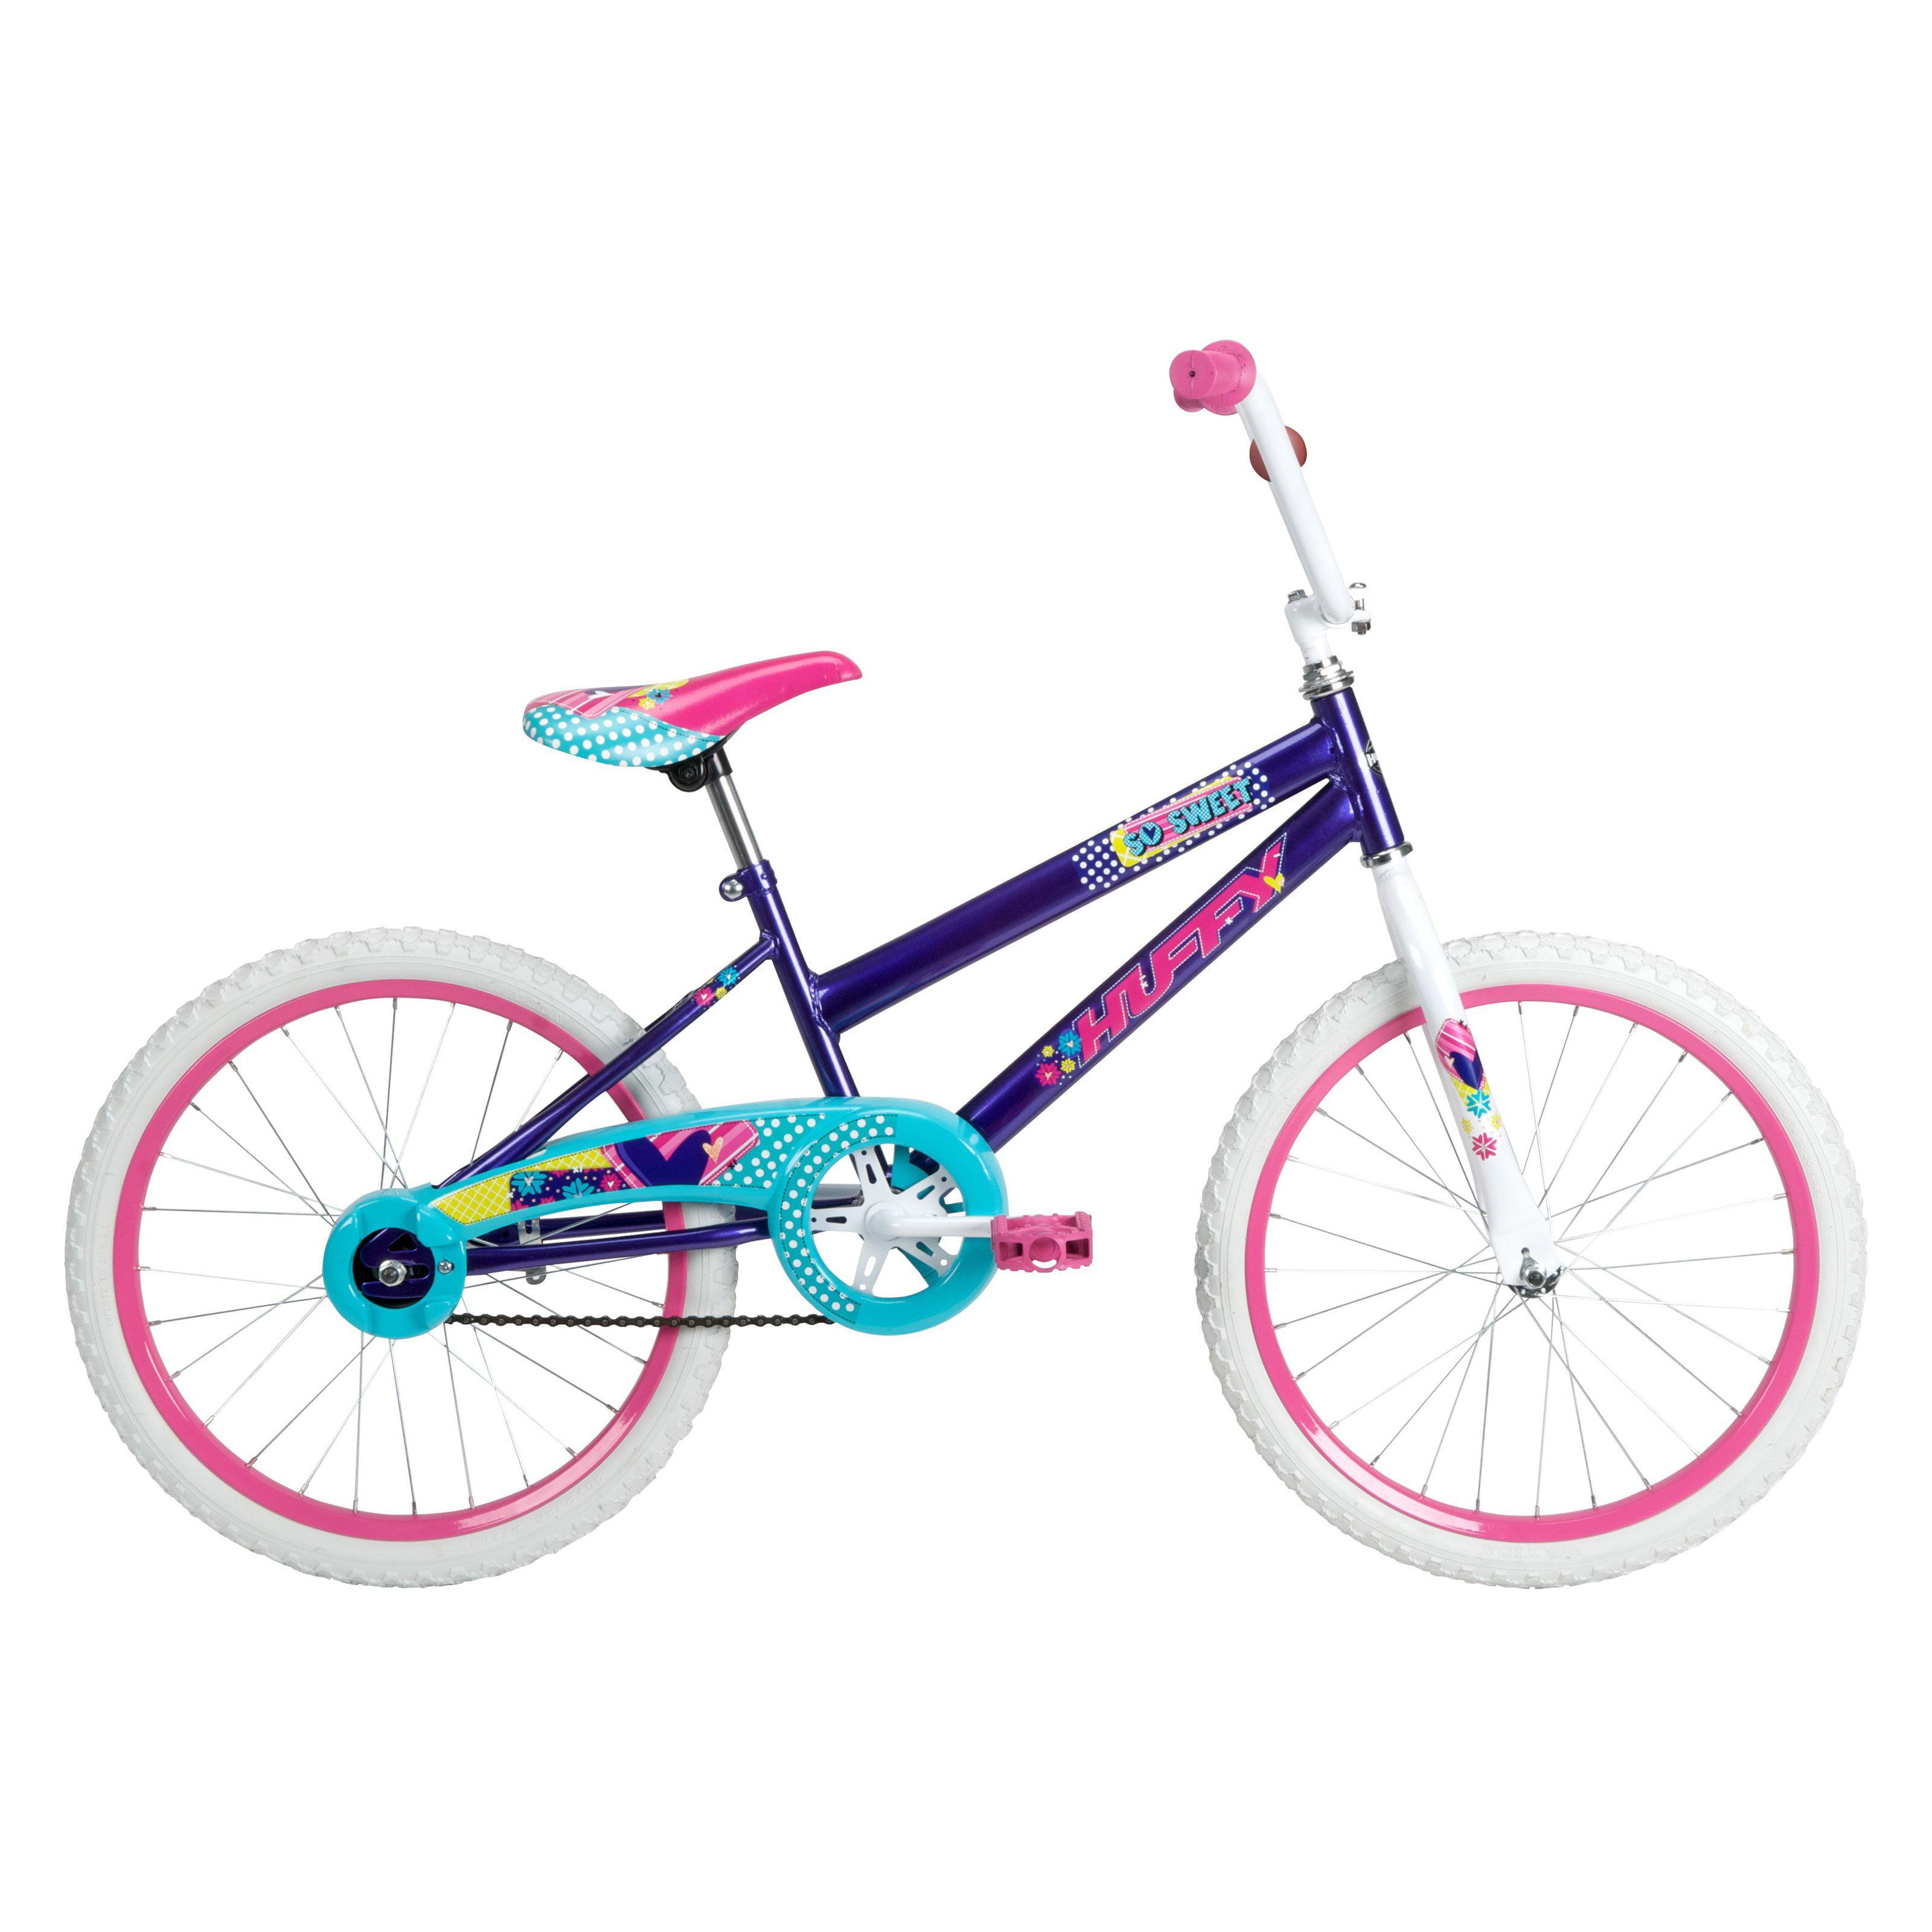 Huffy 20 in. So Sweet Bike by Huffy Bikes